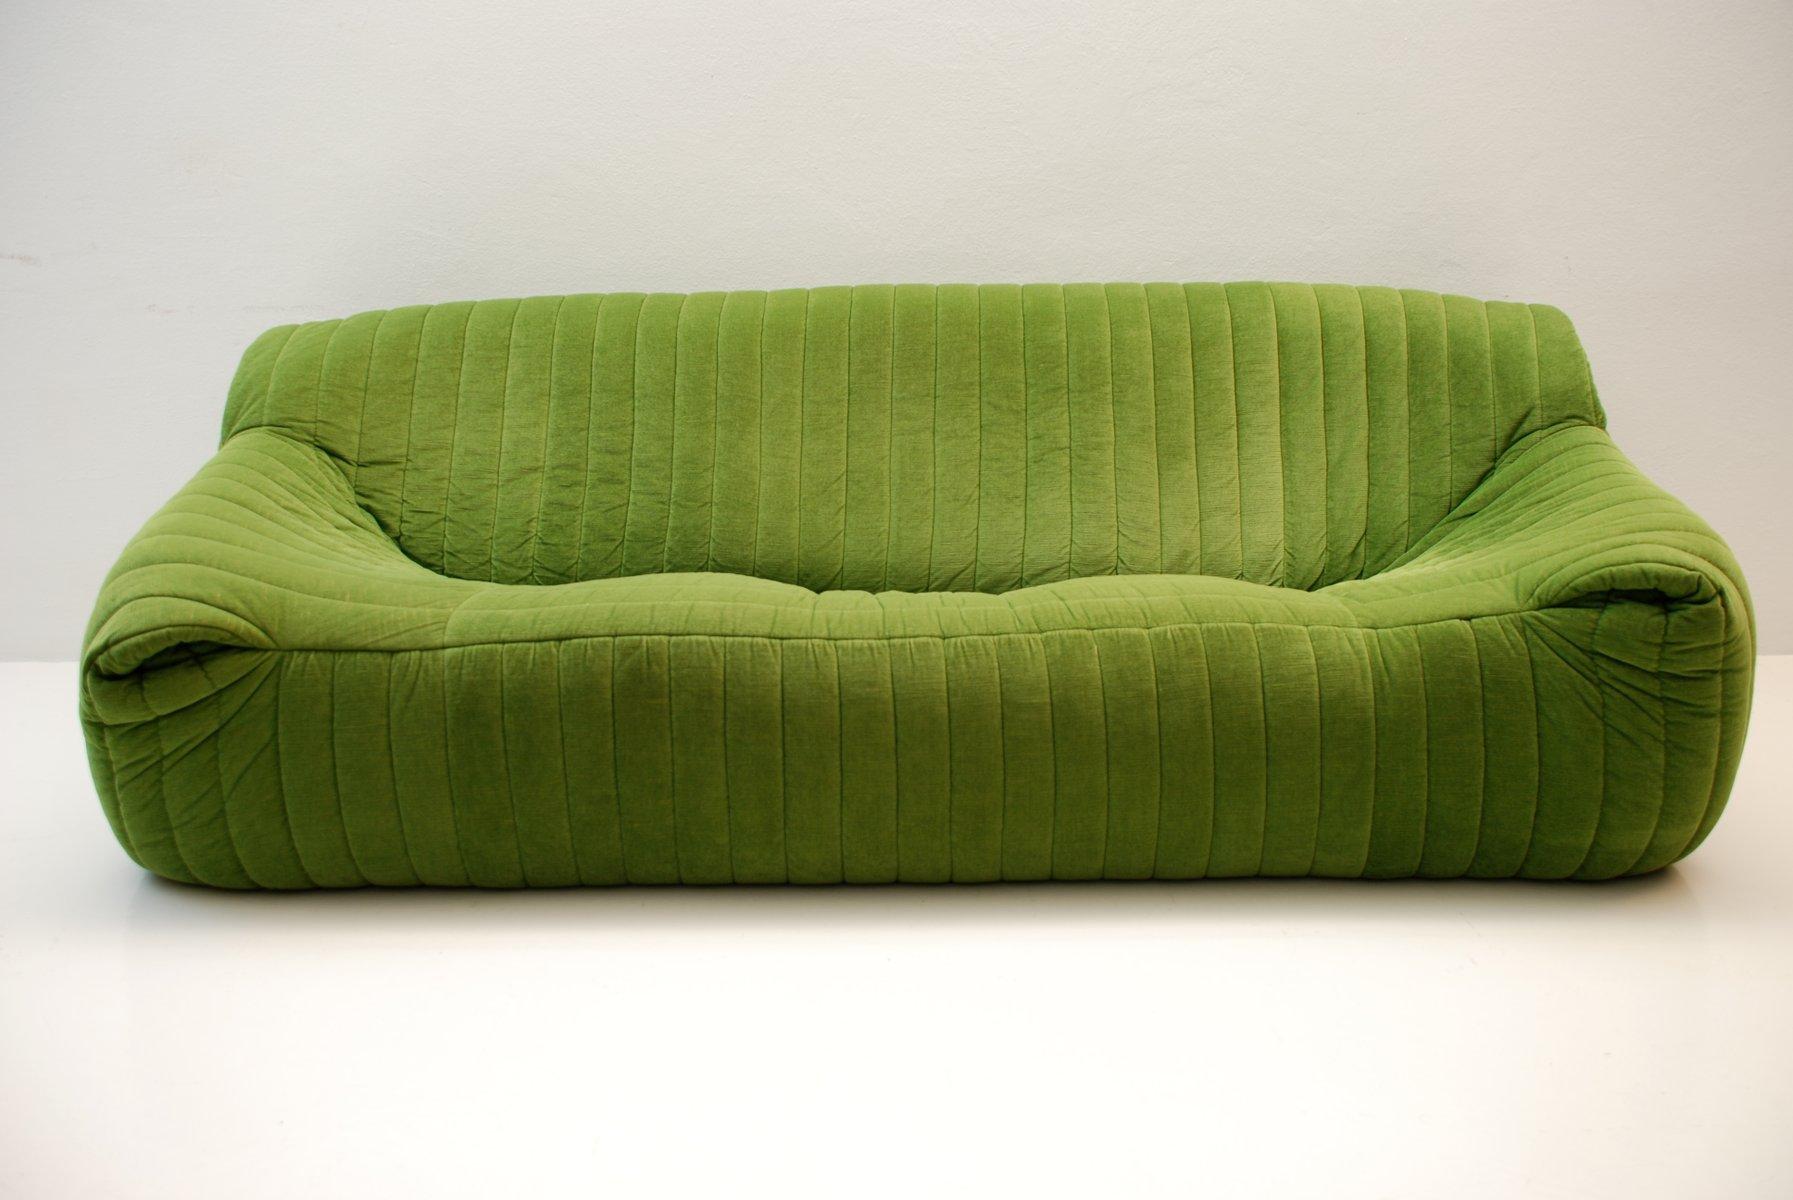 canap fauteuil sandra vintage par annie hieronimus pour ligne roset cinna set de 2 en. Black Bedroom Furniture Sets. Home Design Ideas